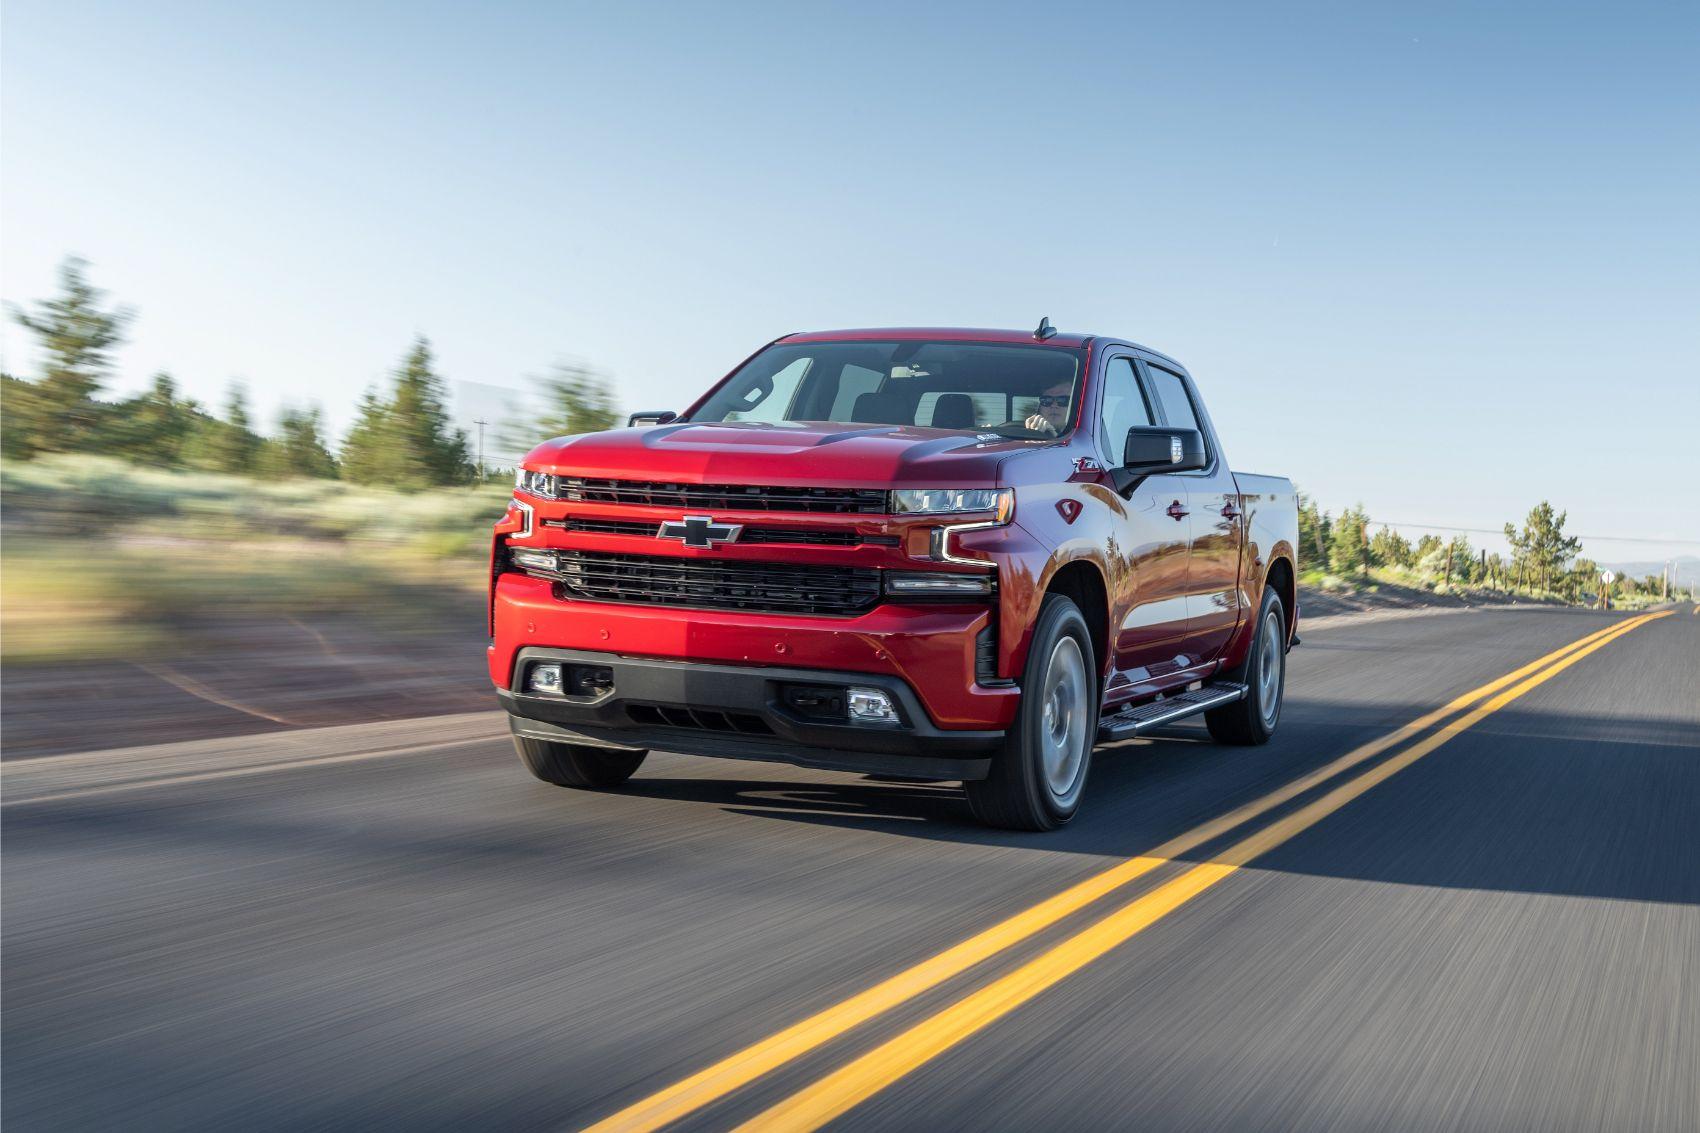 2020 Chevrolet Silverado Diesel 100